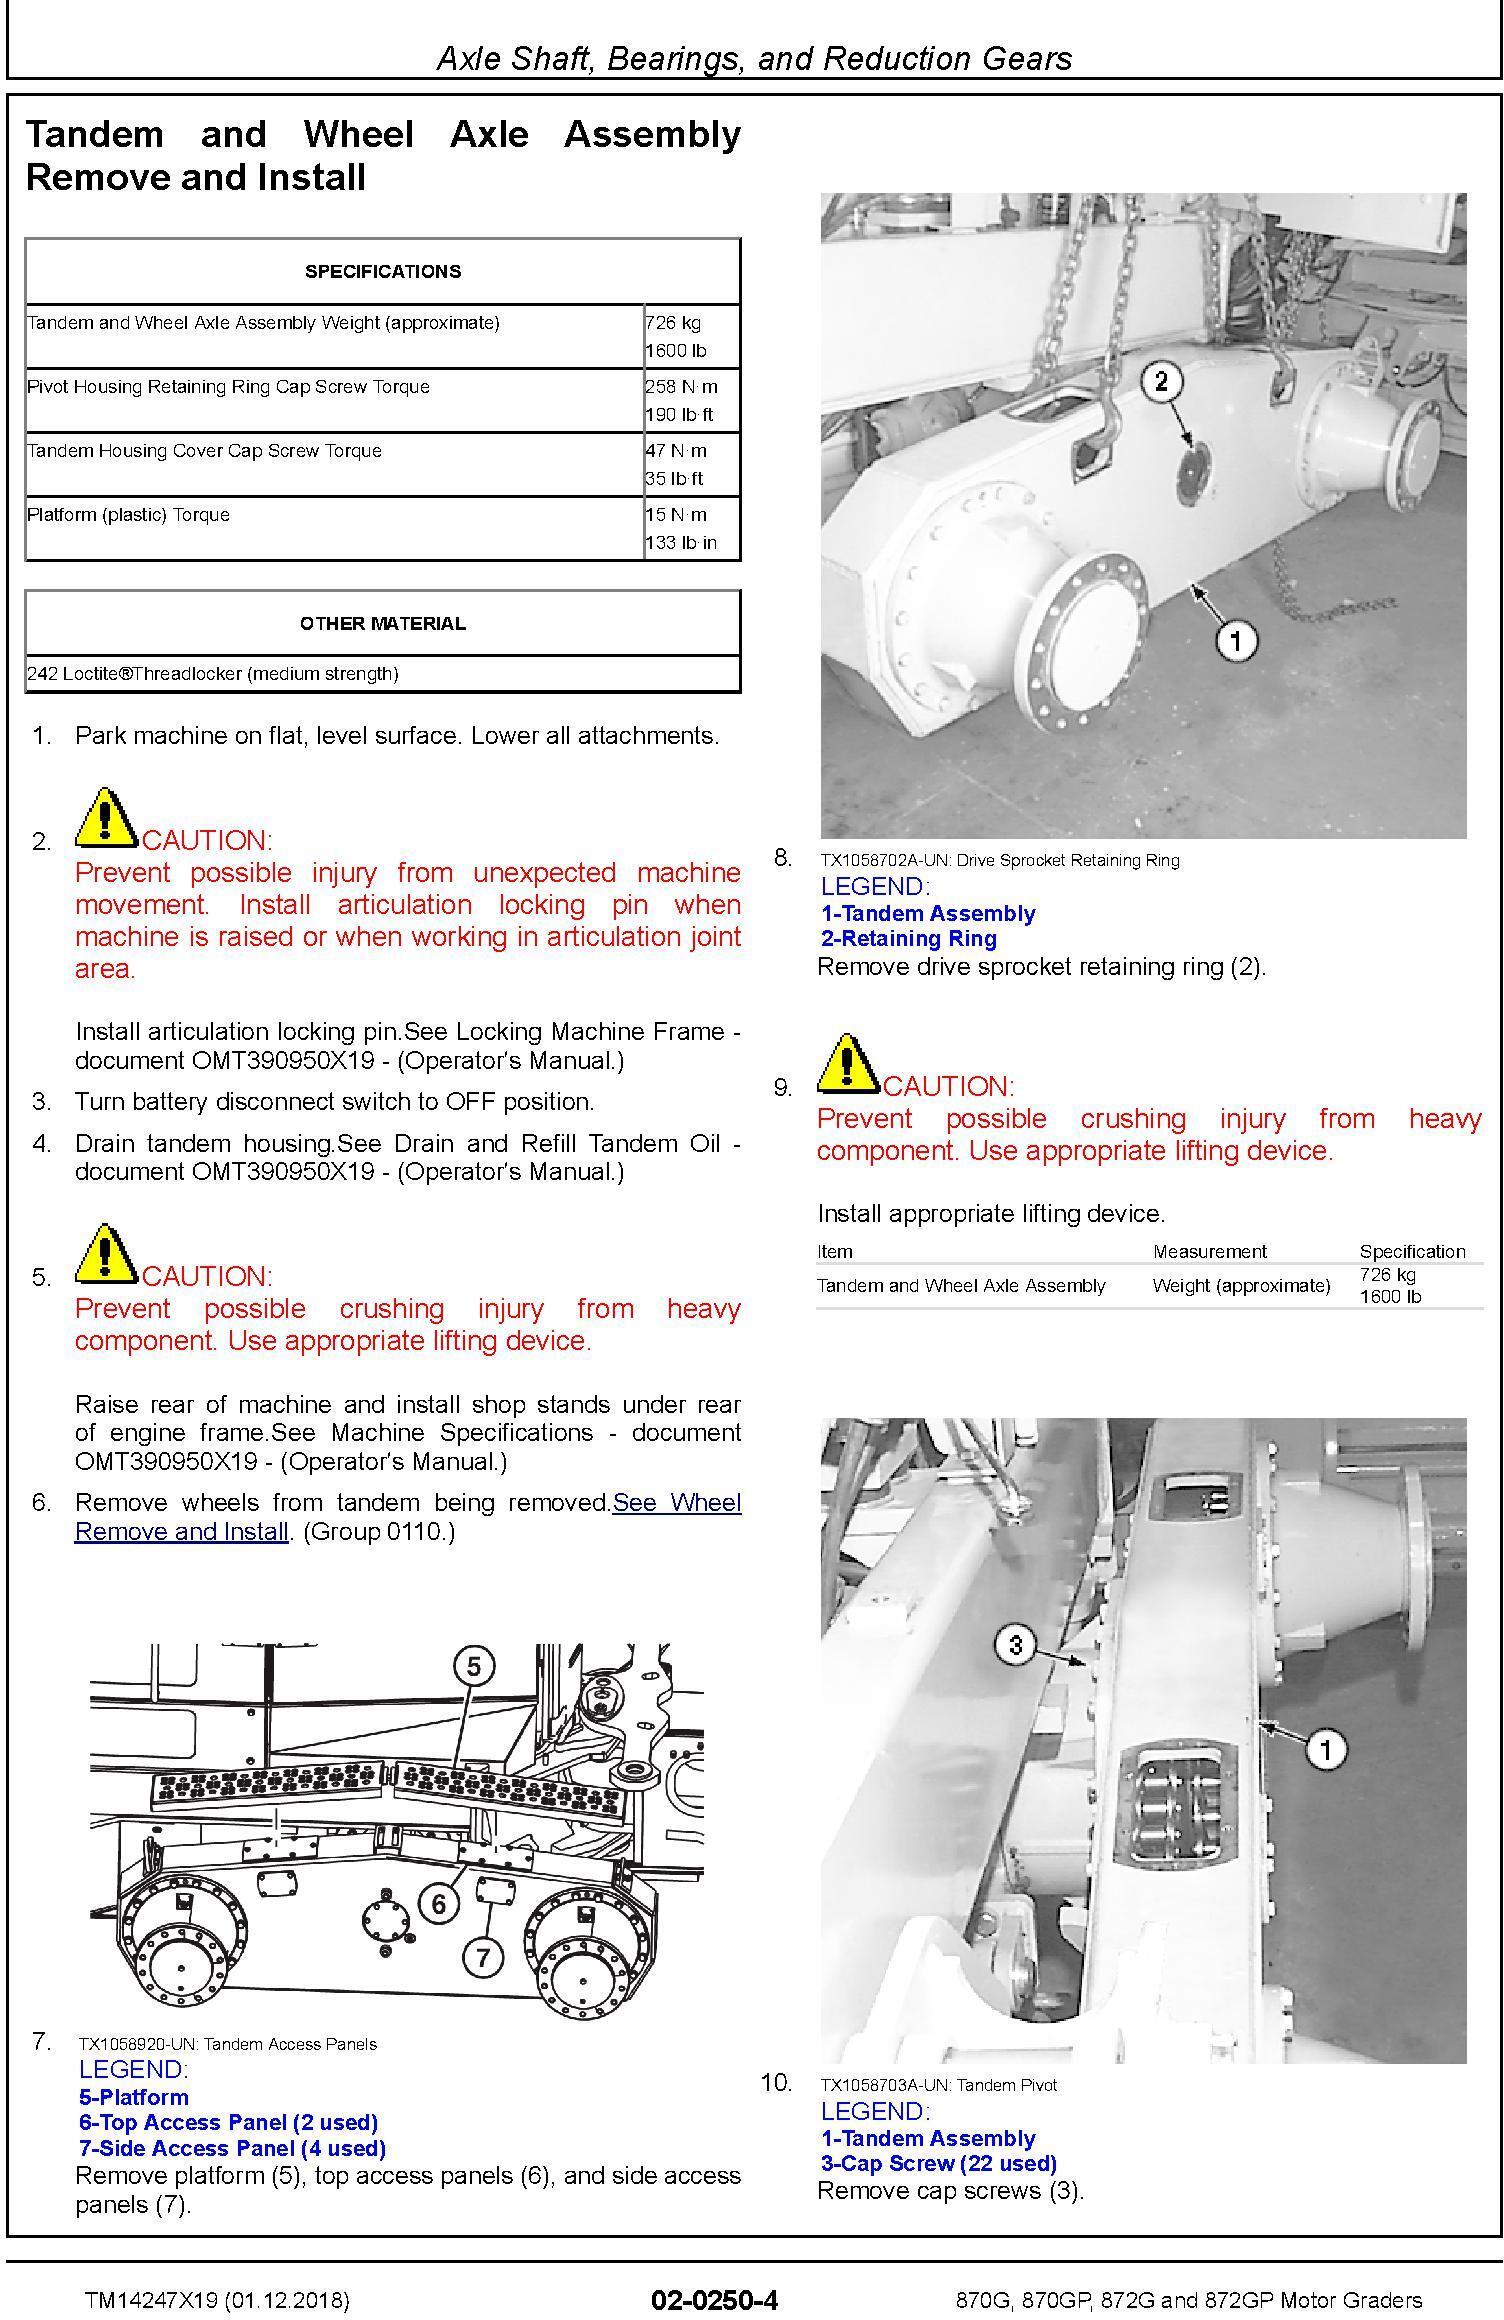 John Deere 870G, 870GP, 872G, 872GP (SN. F680878-,L700954-) Motor Graders Repair Manual (TM14247X19) - 3